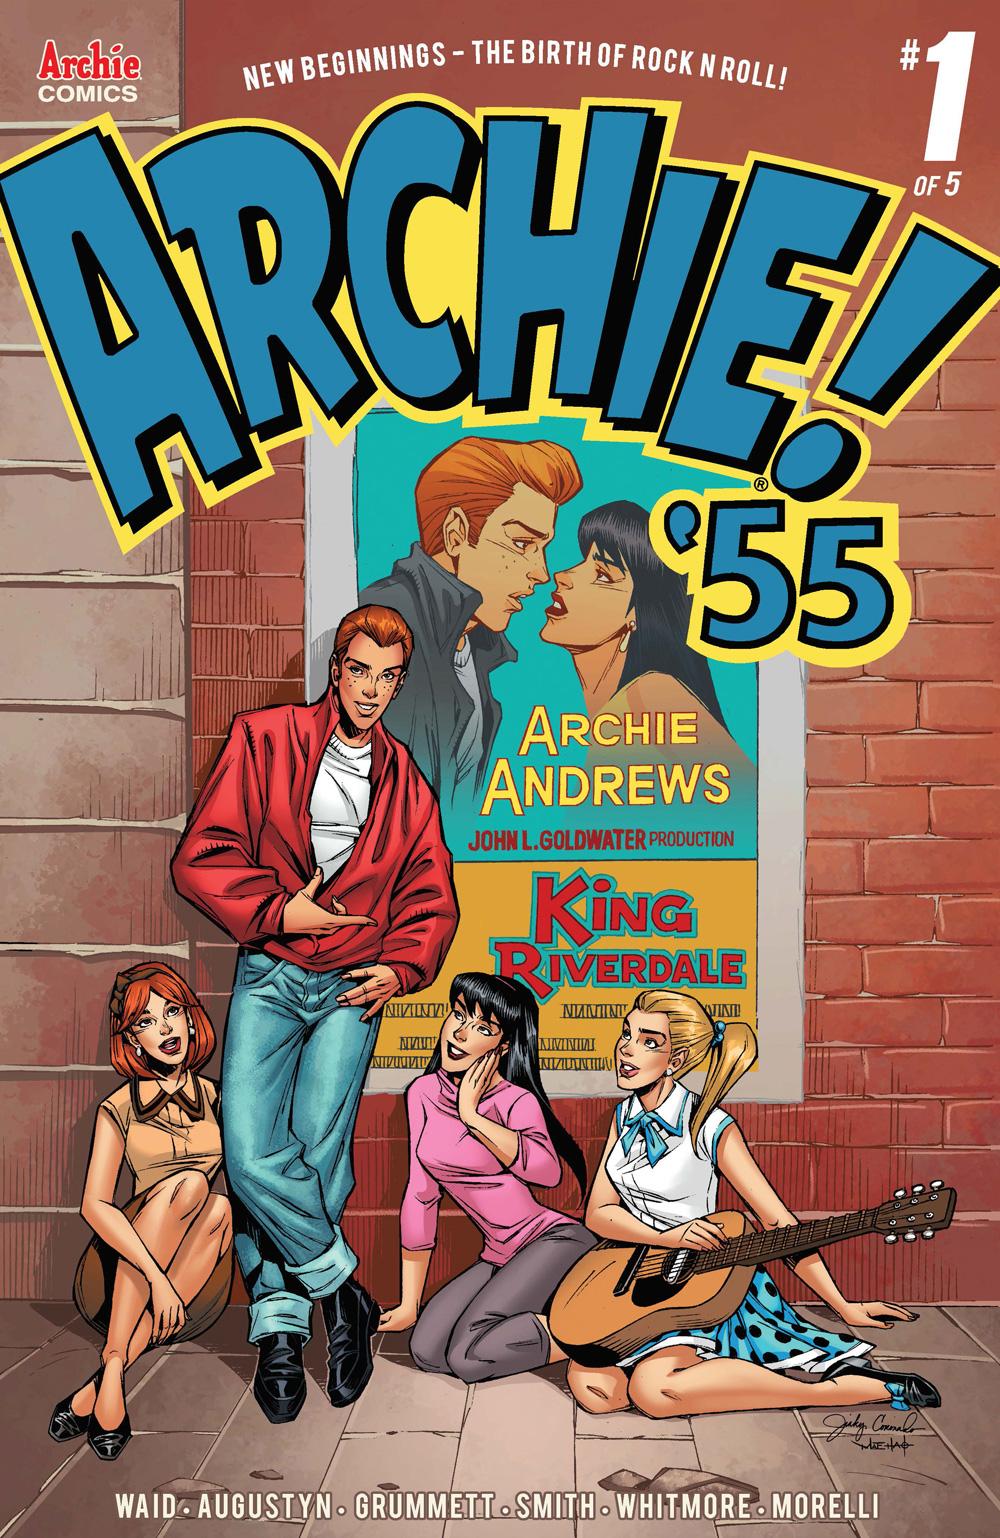 Archie 1955 #1 Alternate Cover by Jinky Coronado